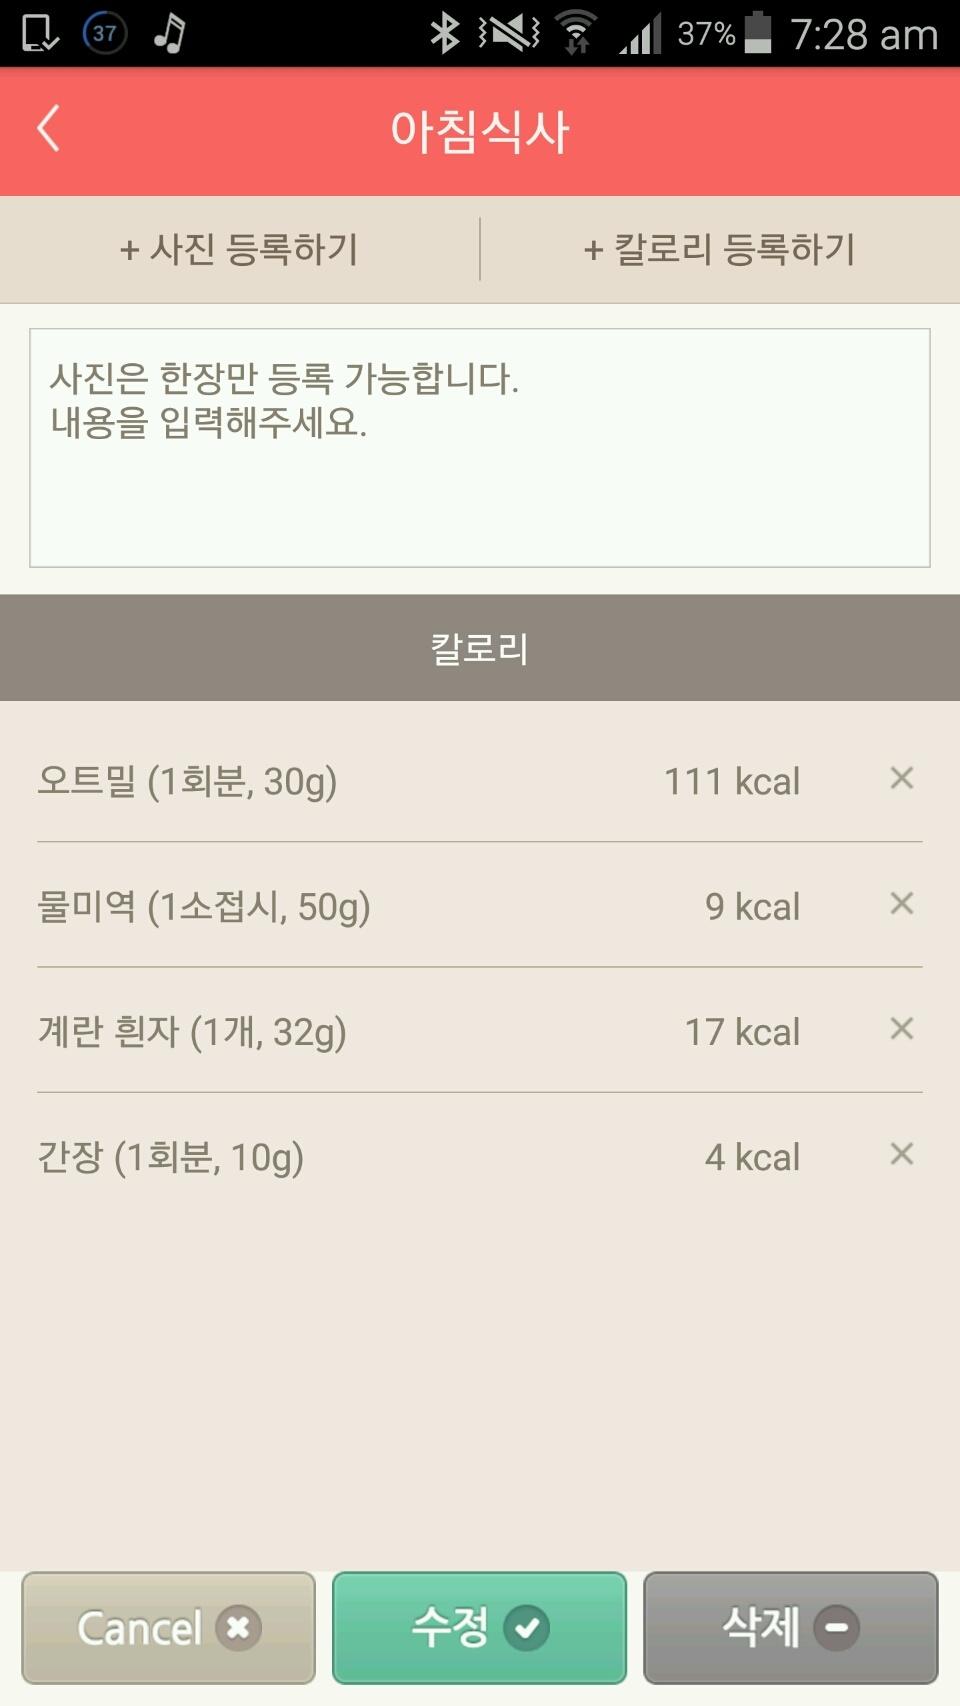 저칼로리 영양만점. 아침 식사용 미역 오트밀죽!!